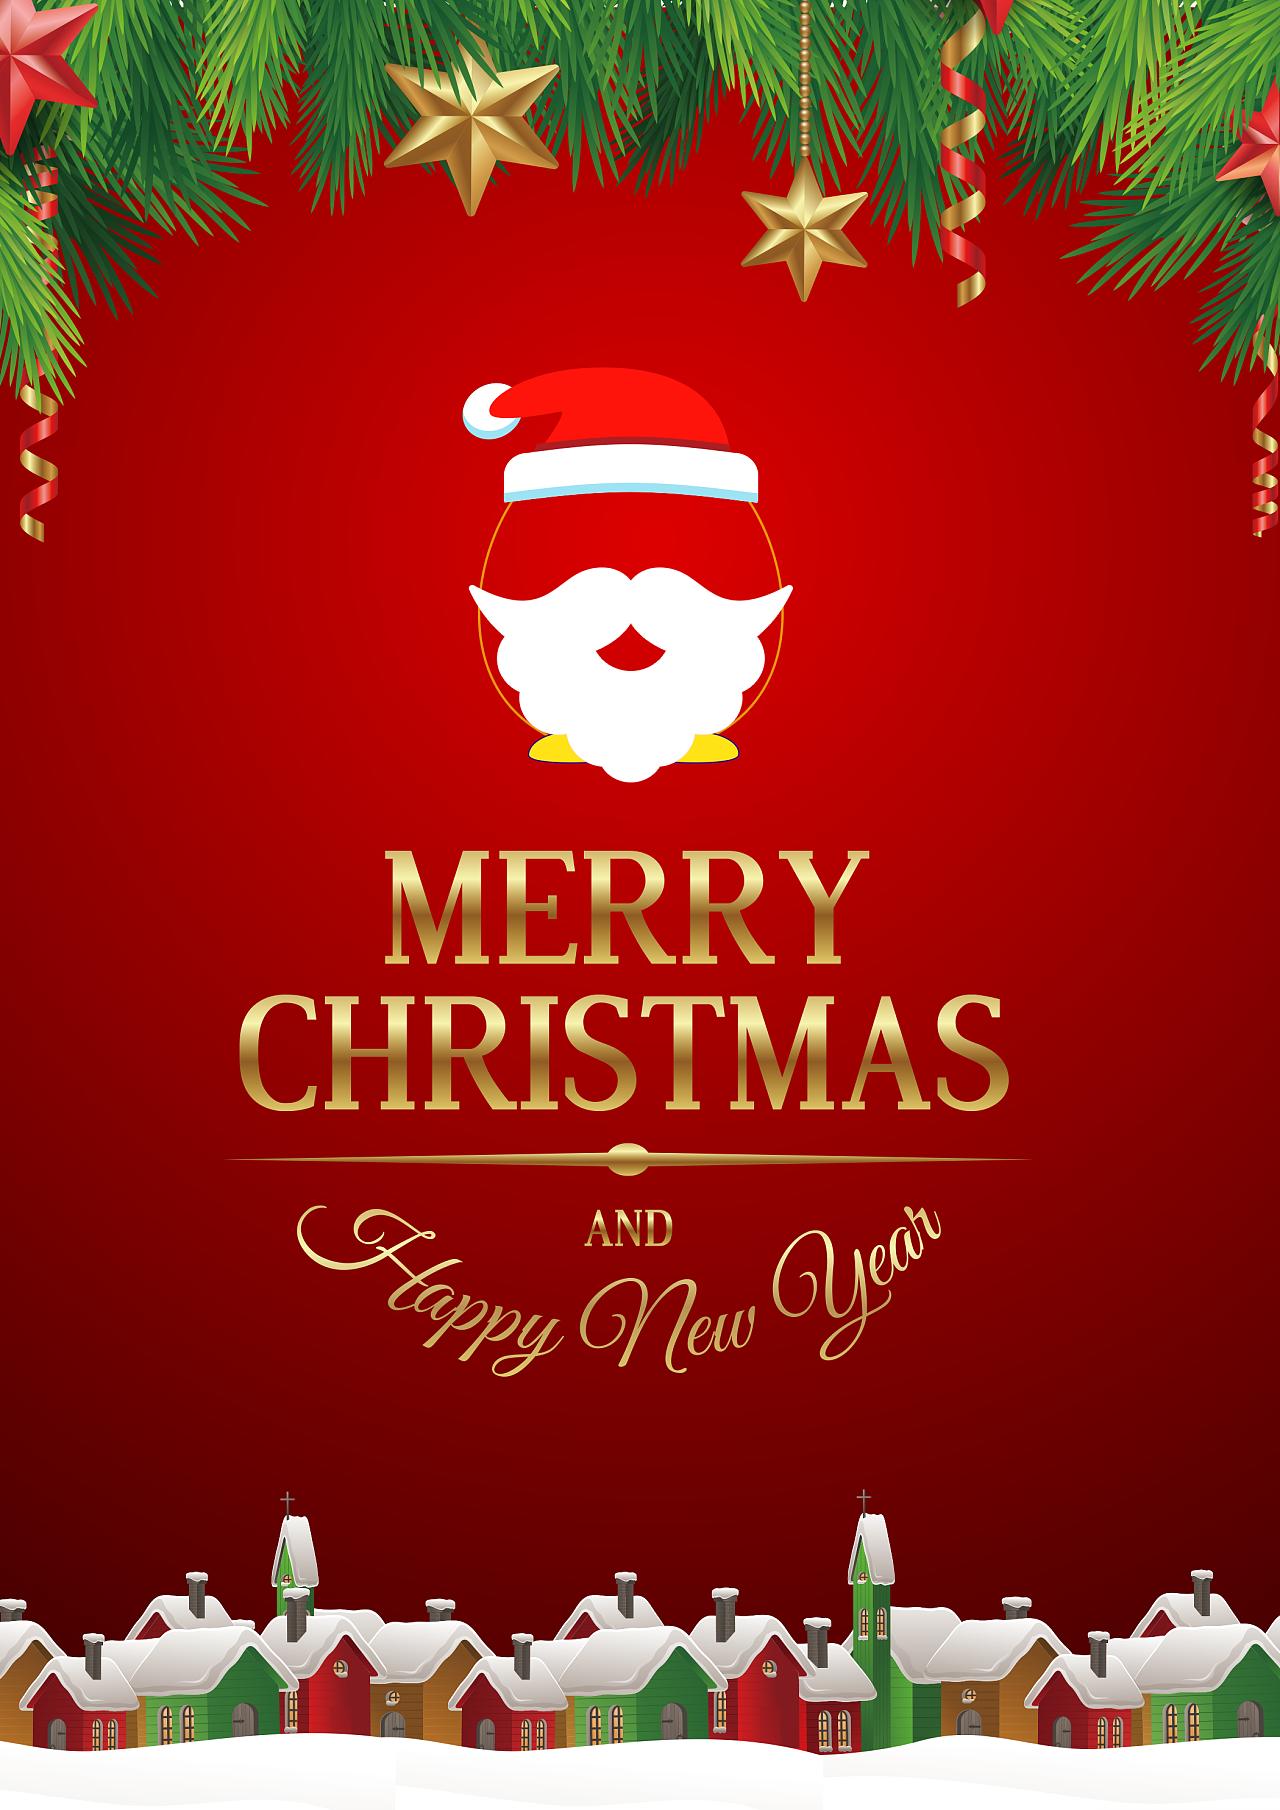 圣诞电子贺卡制作_免费圣诞电子贺卡下载2017商务电子圣诞节贺卡PPT动画flash素材 ...